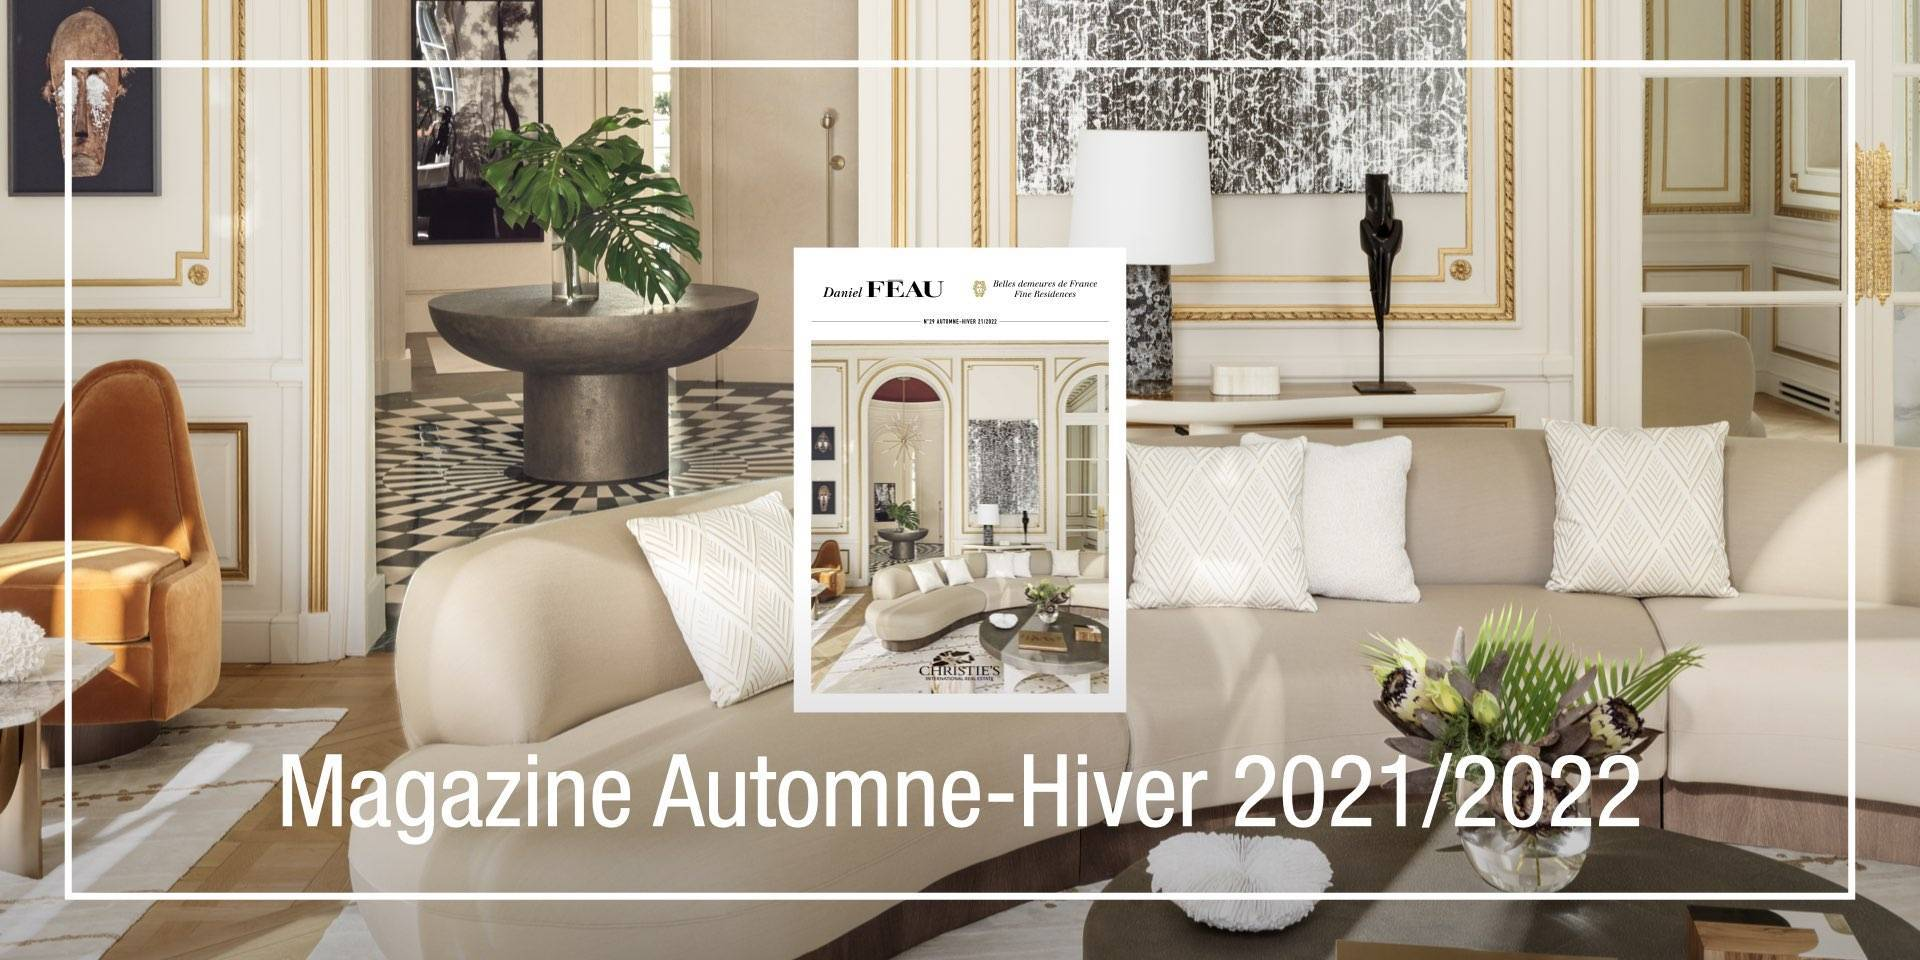 Notre nouveau magazine automne-hiver 2021/2022